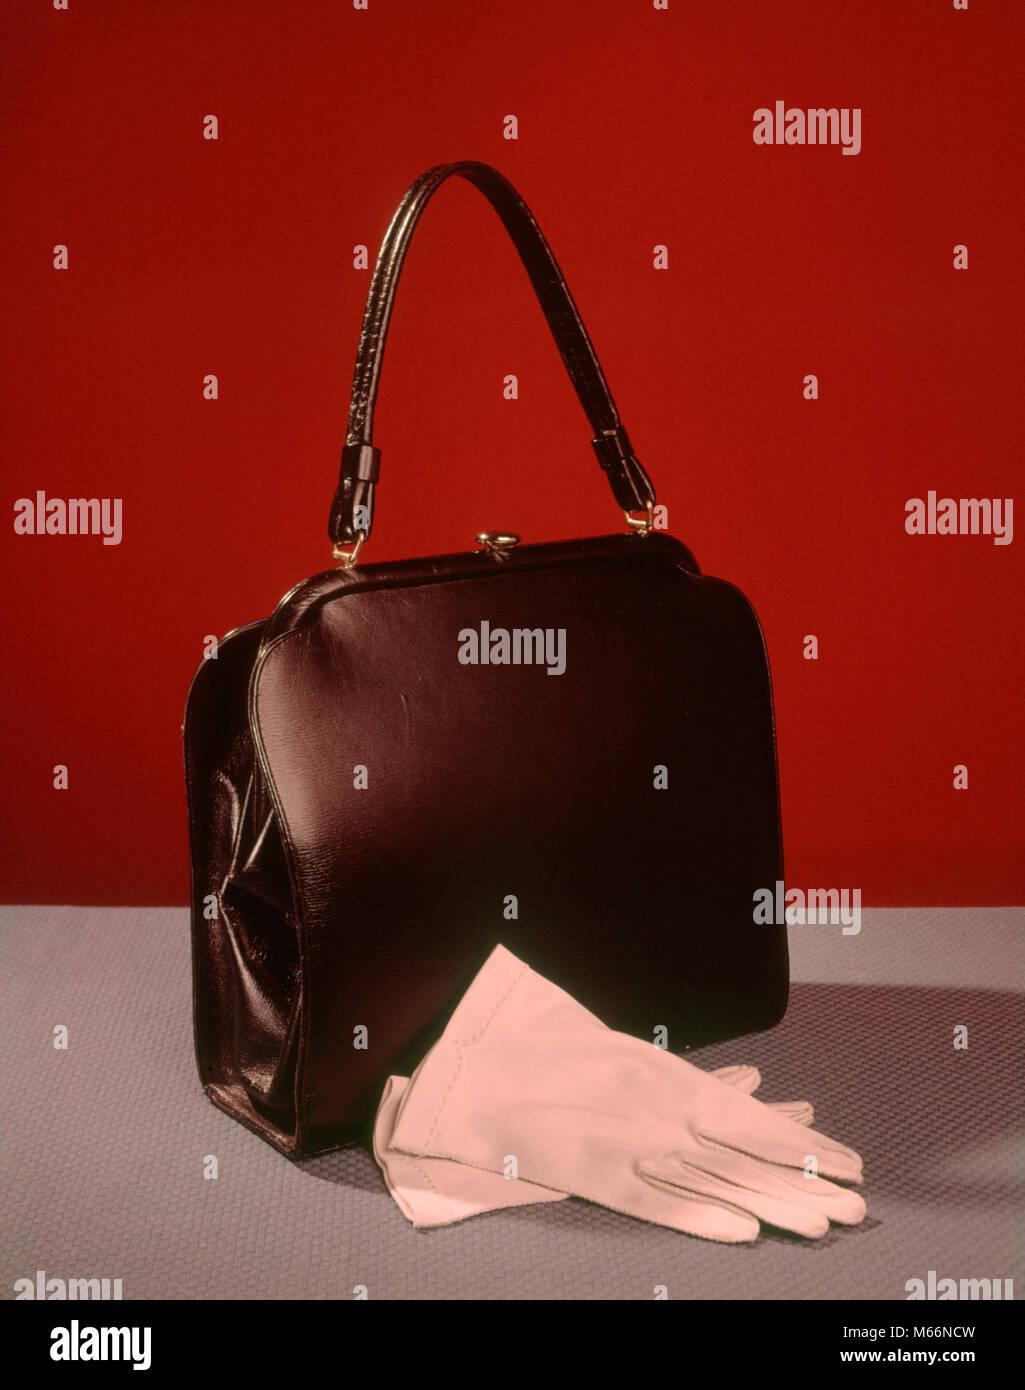 Modeartikel Damen Handtasche Damen Handtasche Vintage Mode